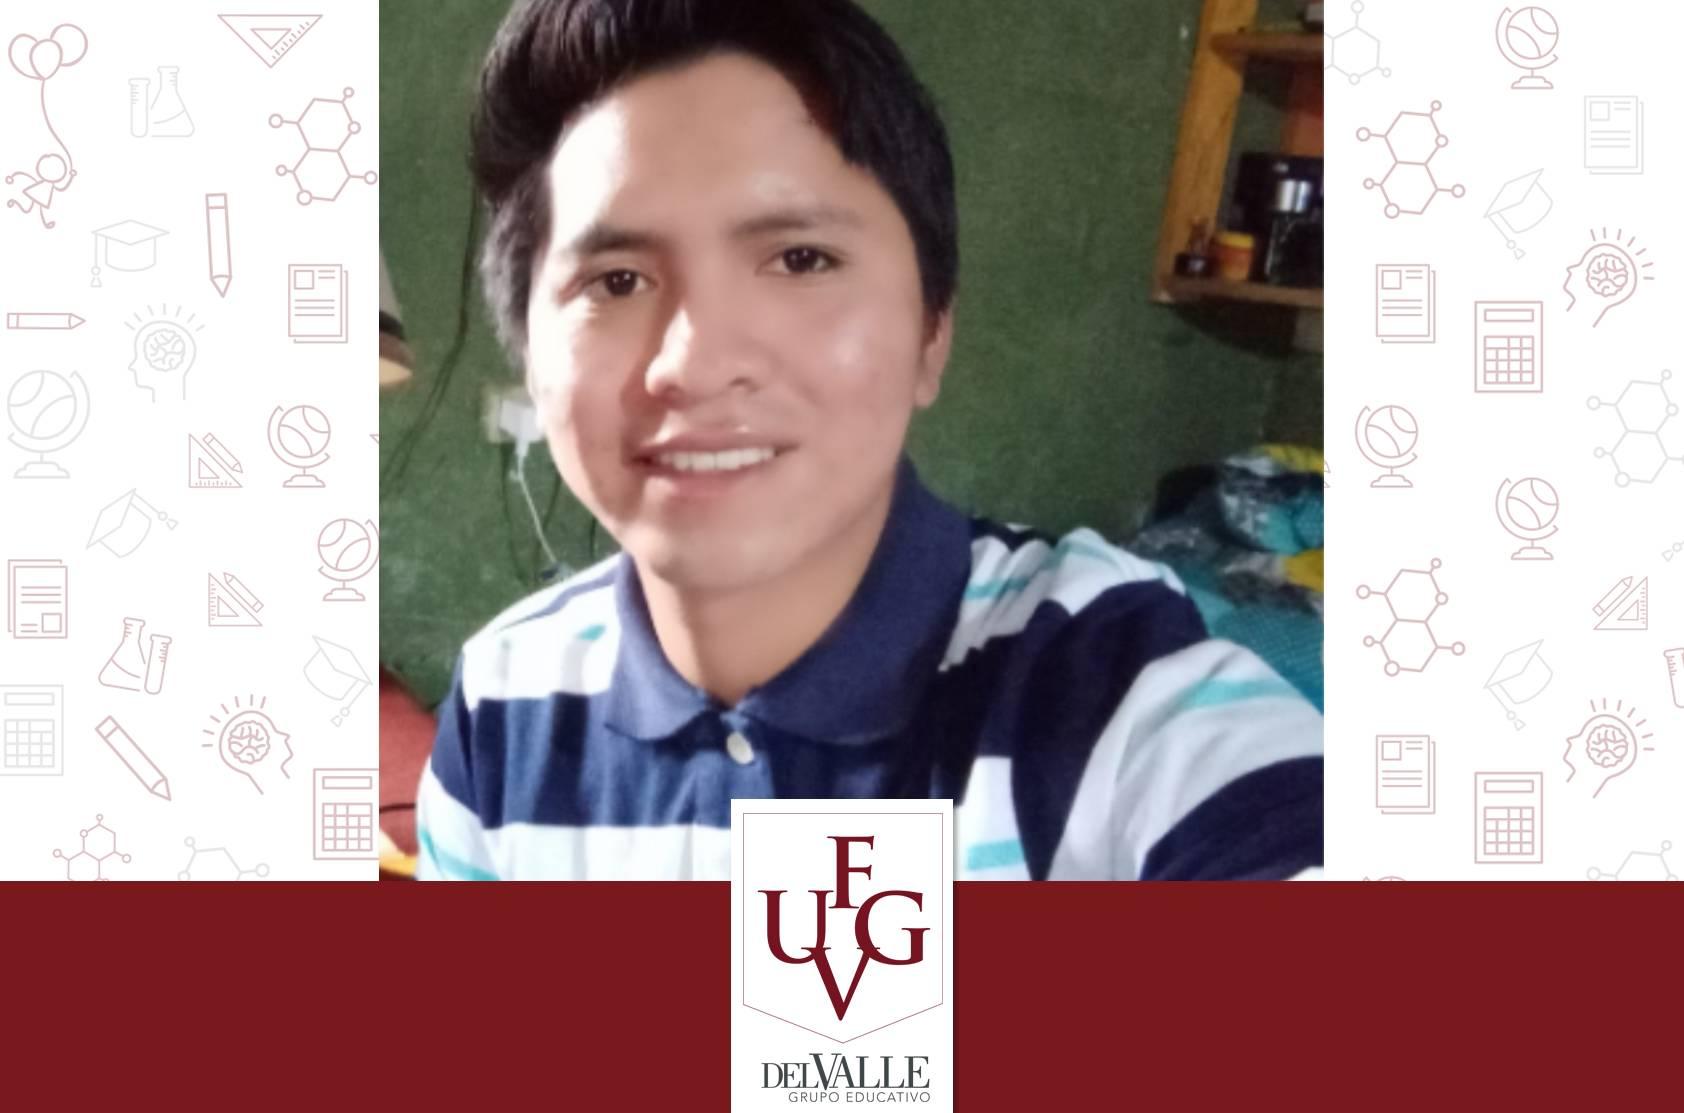 Luis Yaxón también participa en el programa Estudiantexestudiante